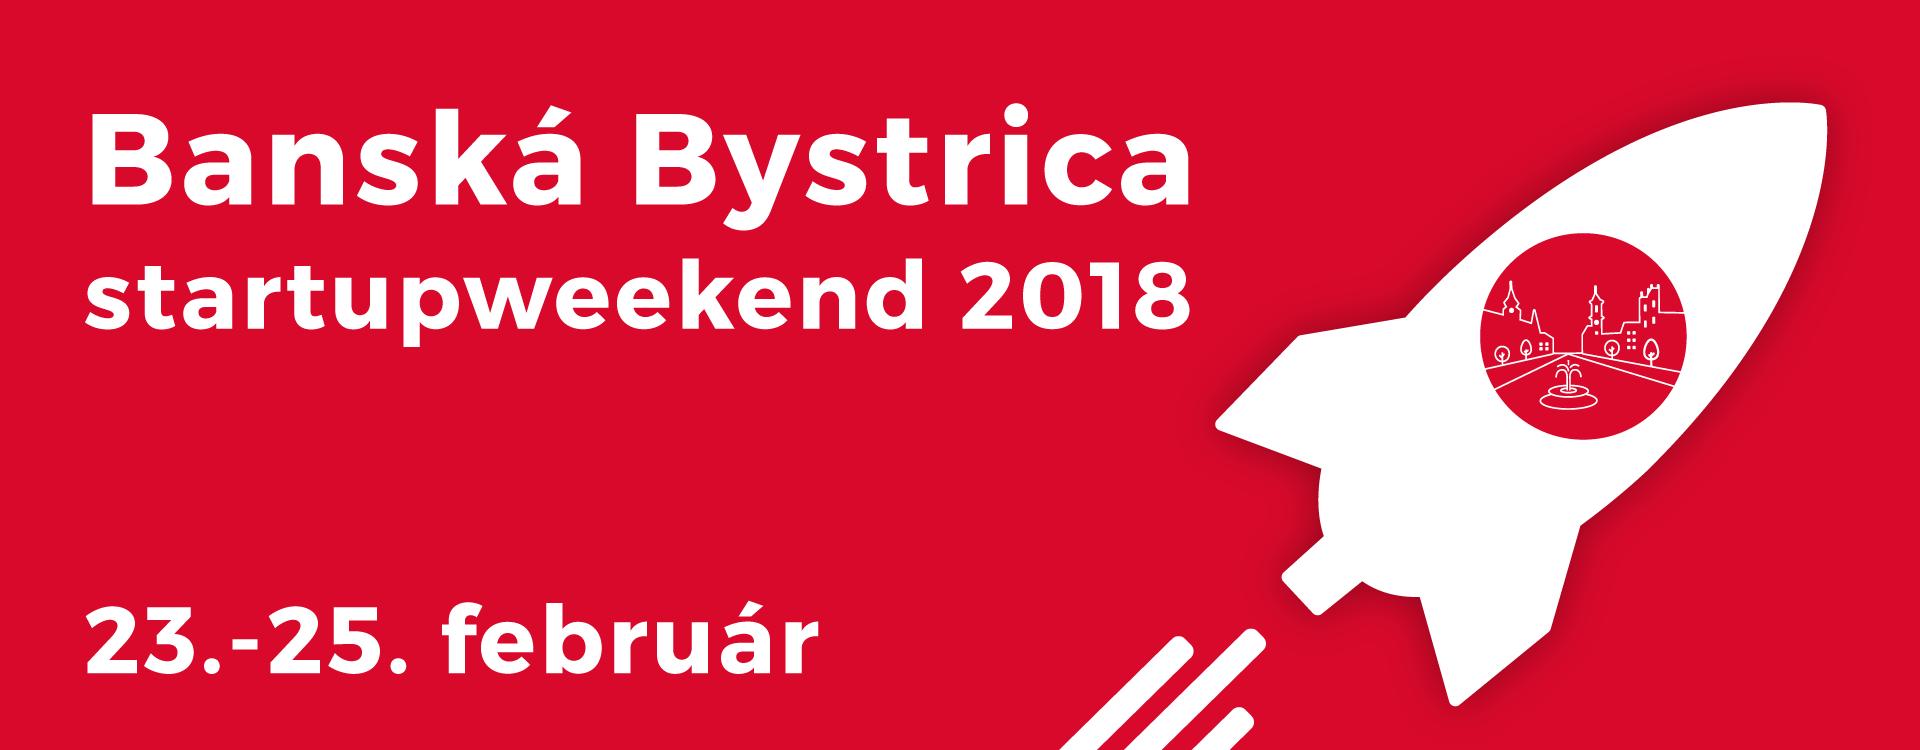 Startup weekend Banská Bystrica 2018